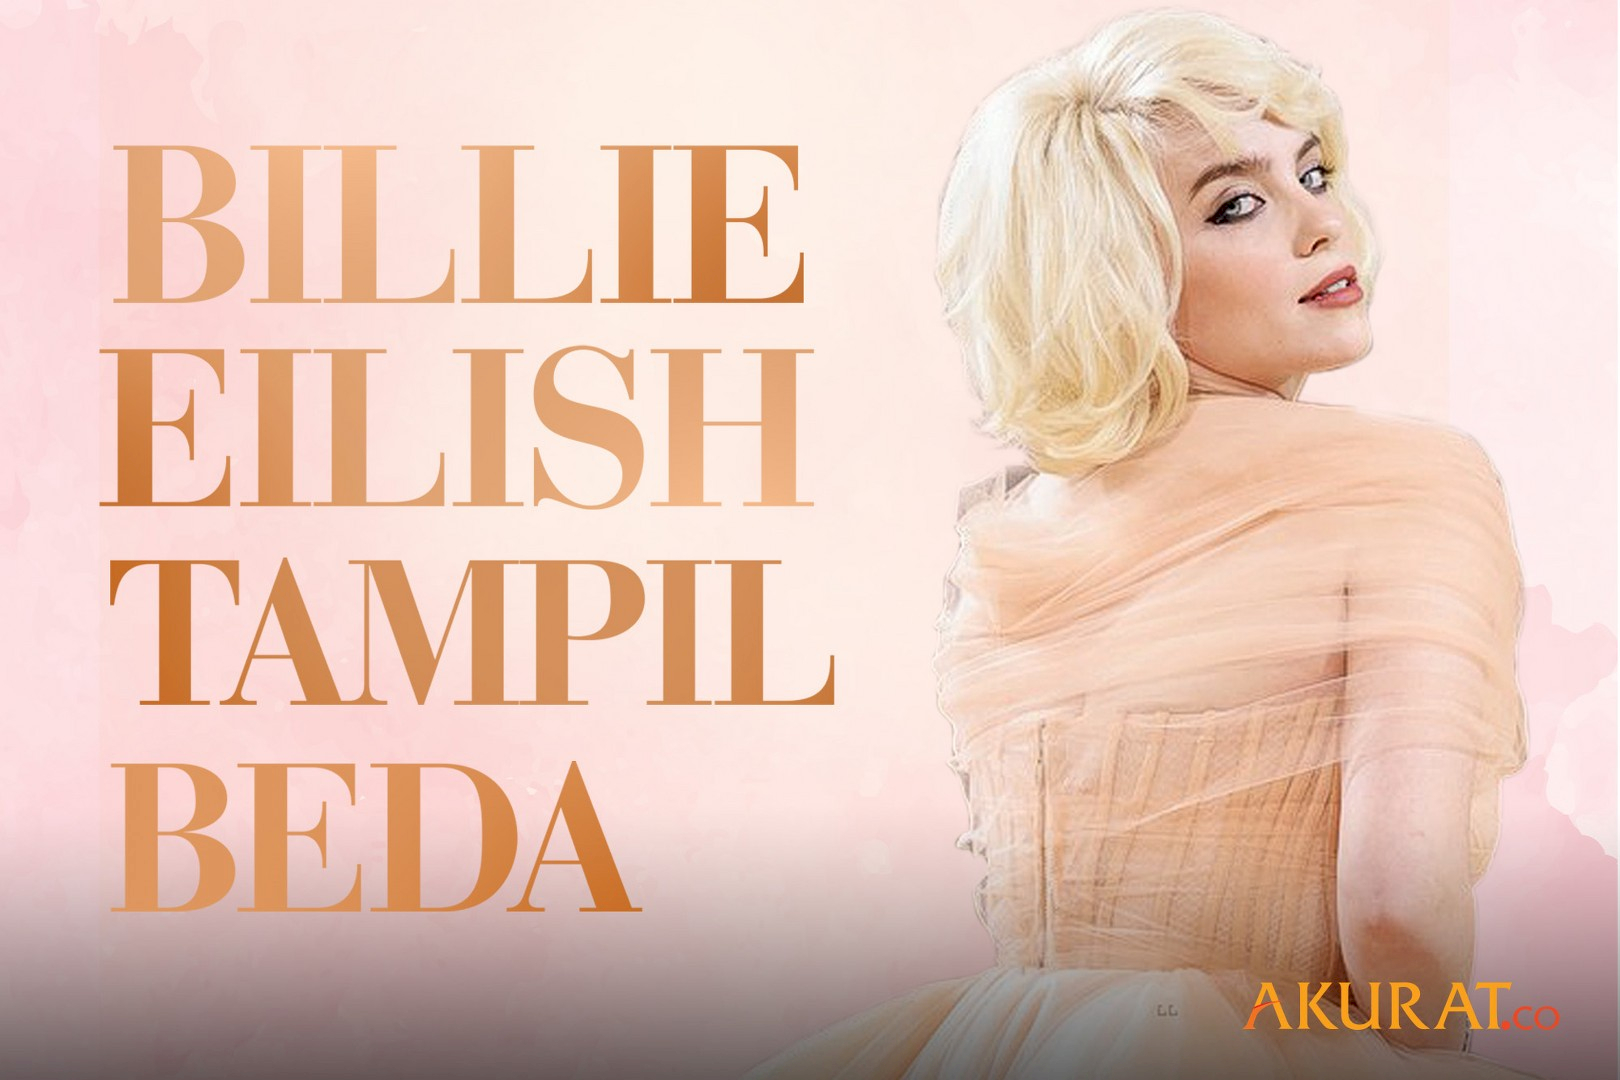 Billie Eilish Tampil Beda